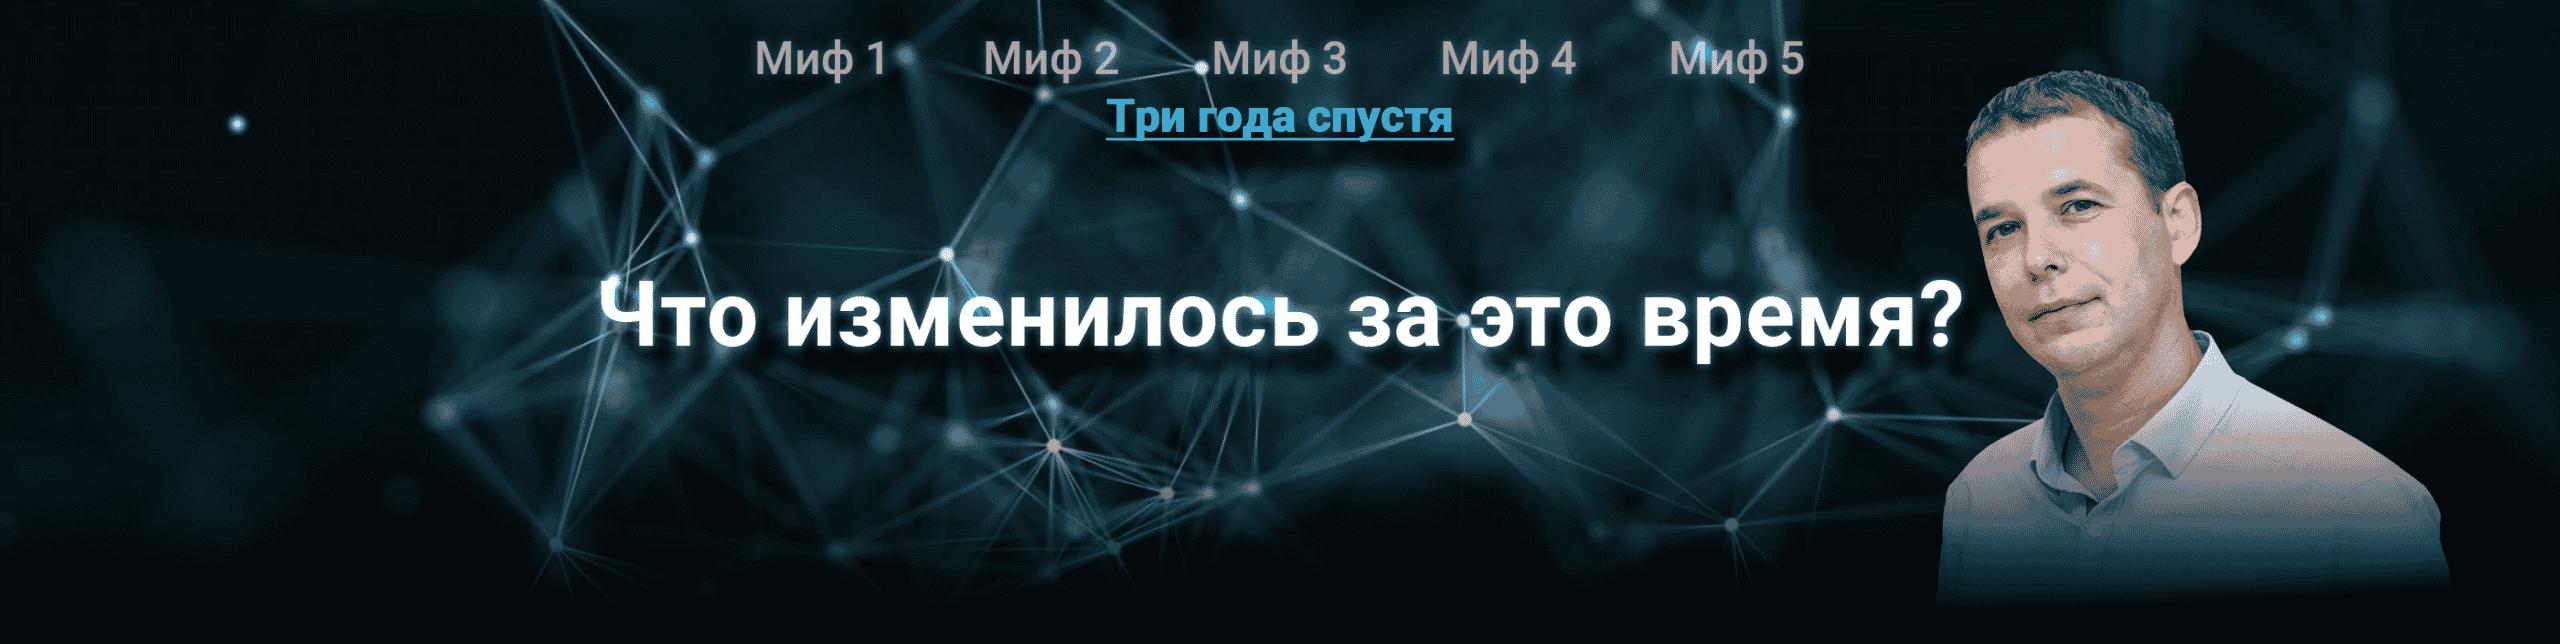 Евгений Спирица; Международная Академия Исследования Лжи; ICDS Group; Три года спустя: что изменилось?